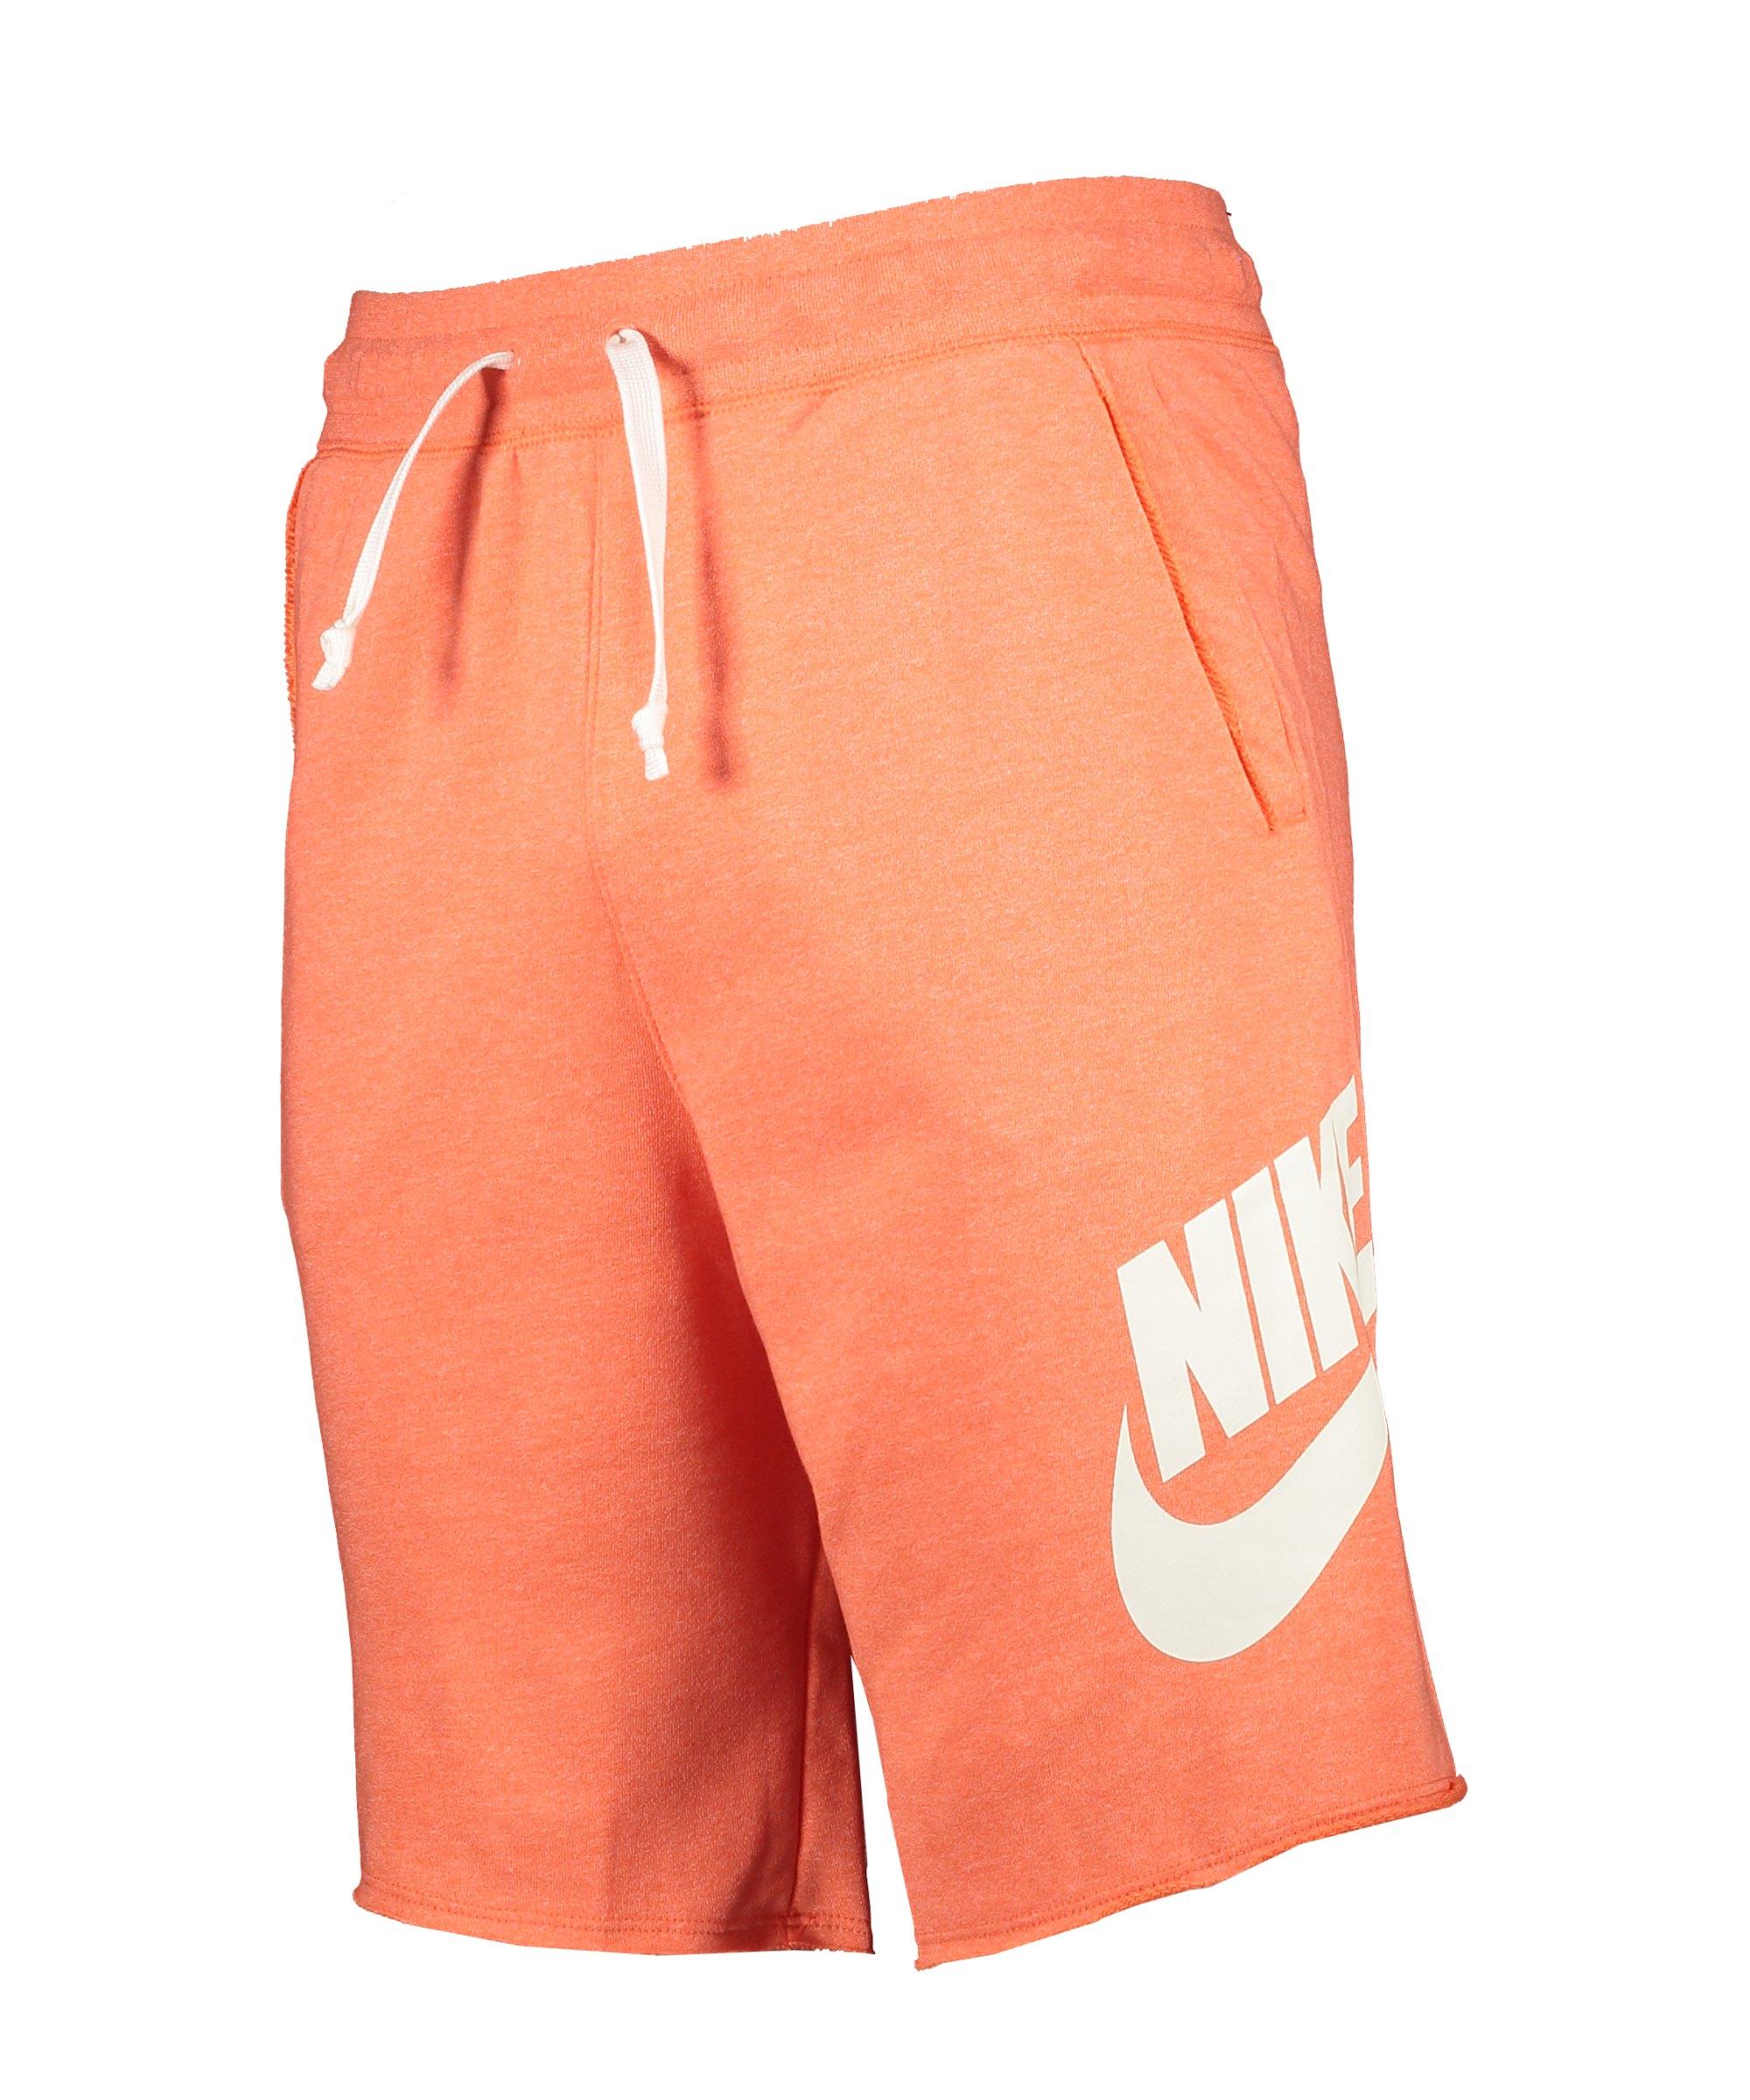 Nike Sportswear Alumni Short Orange Weiss F842 - orange